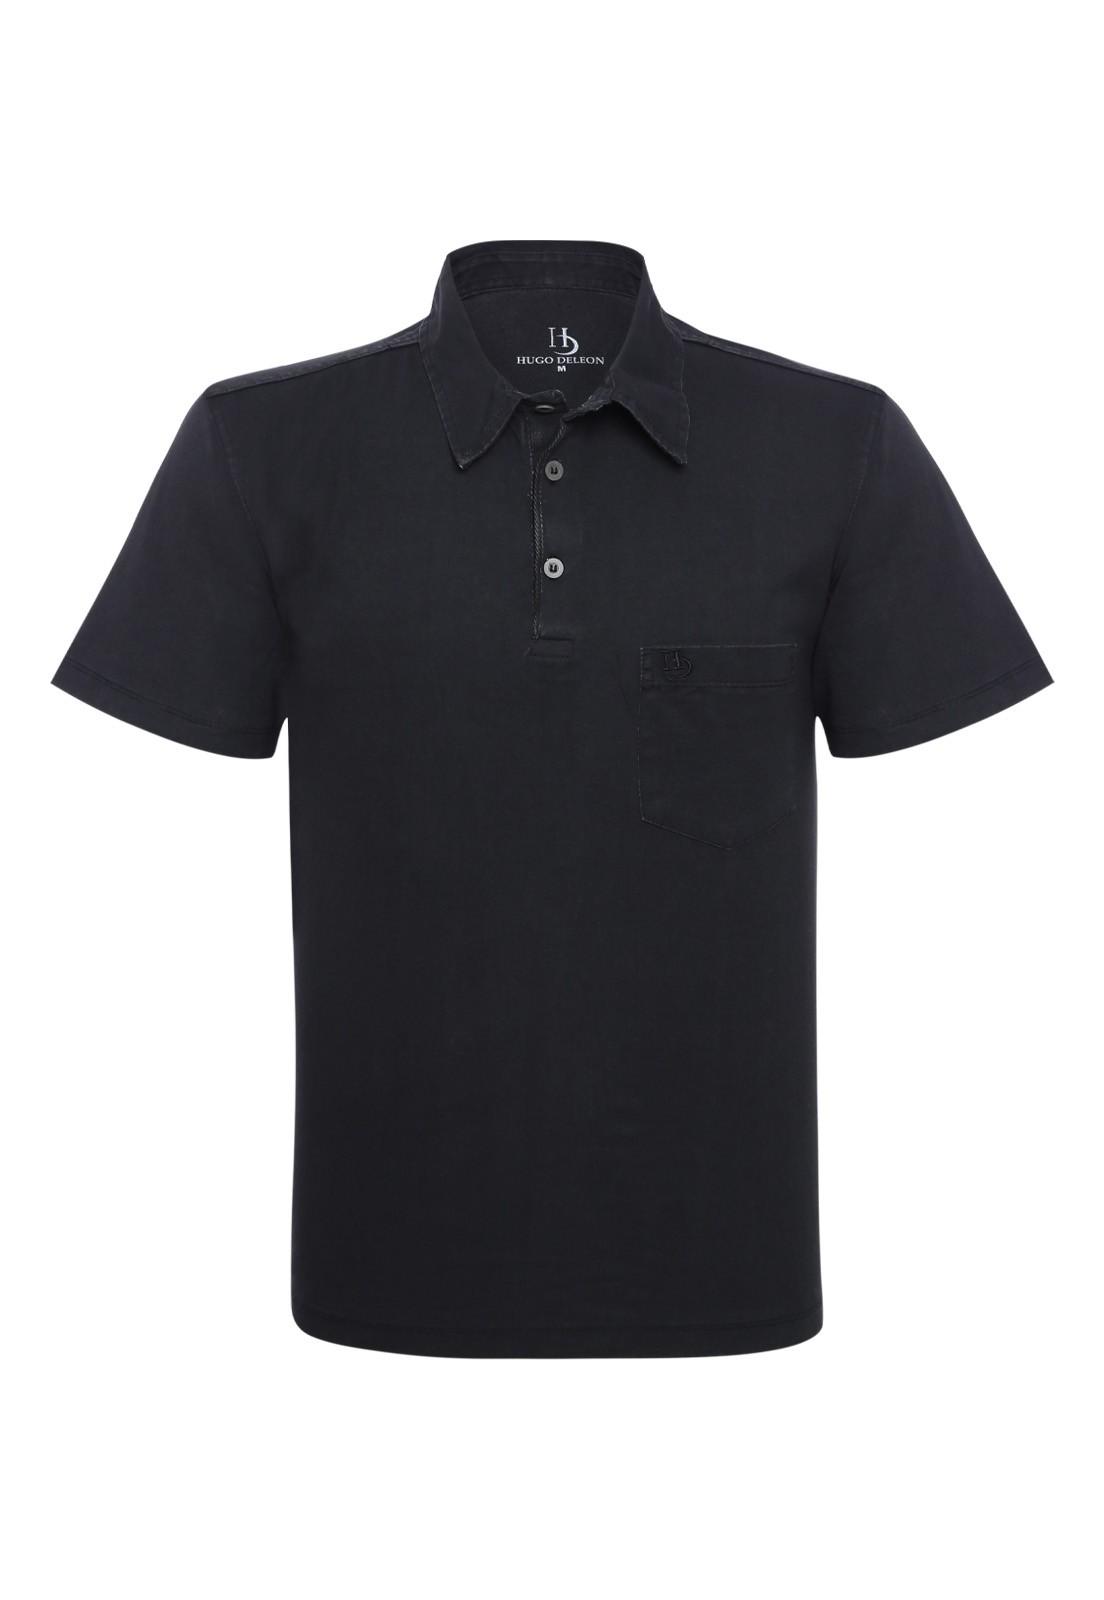 Camisa Polo Hugo Deleon Bolso Confort Sarja Preta